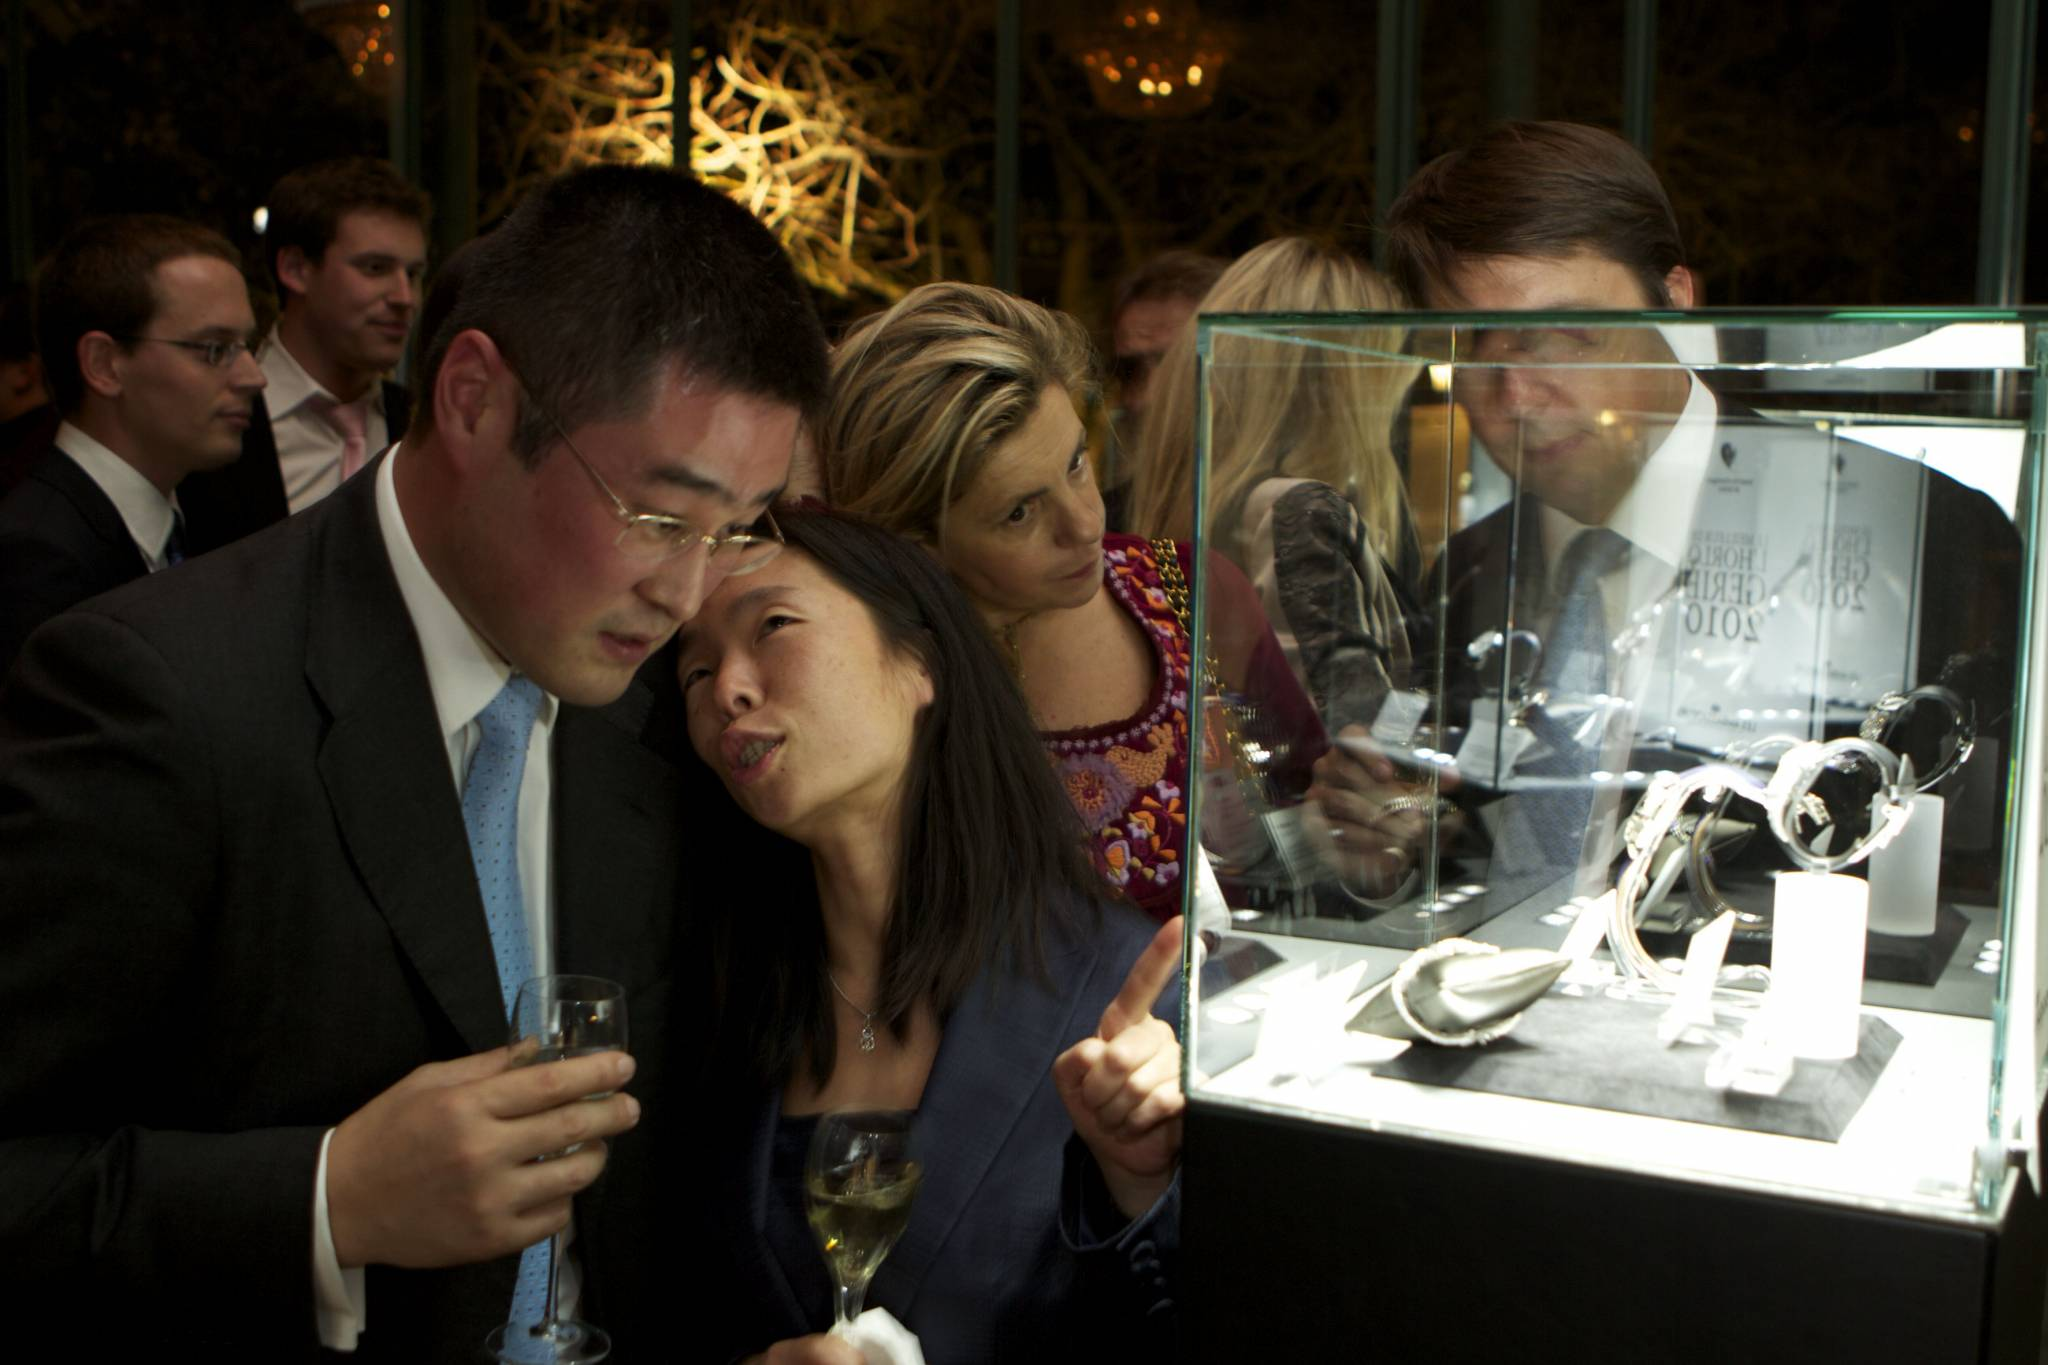 Ambiance d'après cérémonie, les invités admirent les montres lauréates et nominées 2010